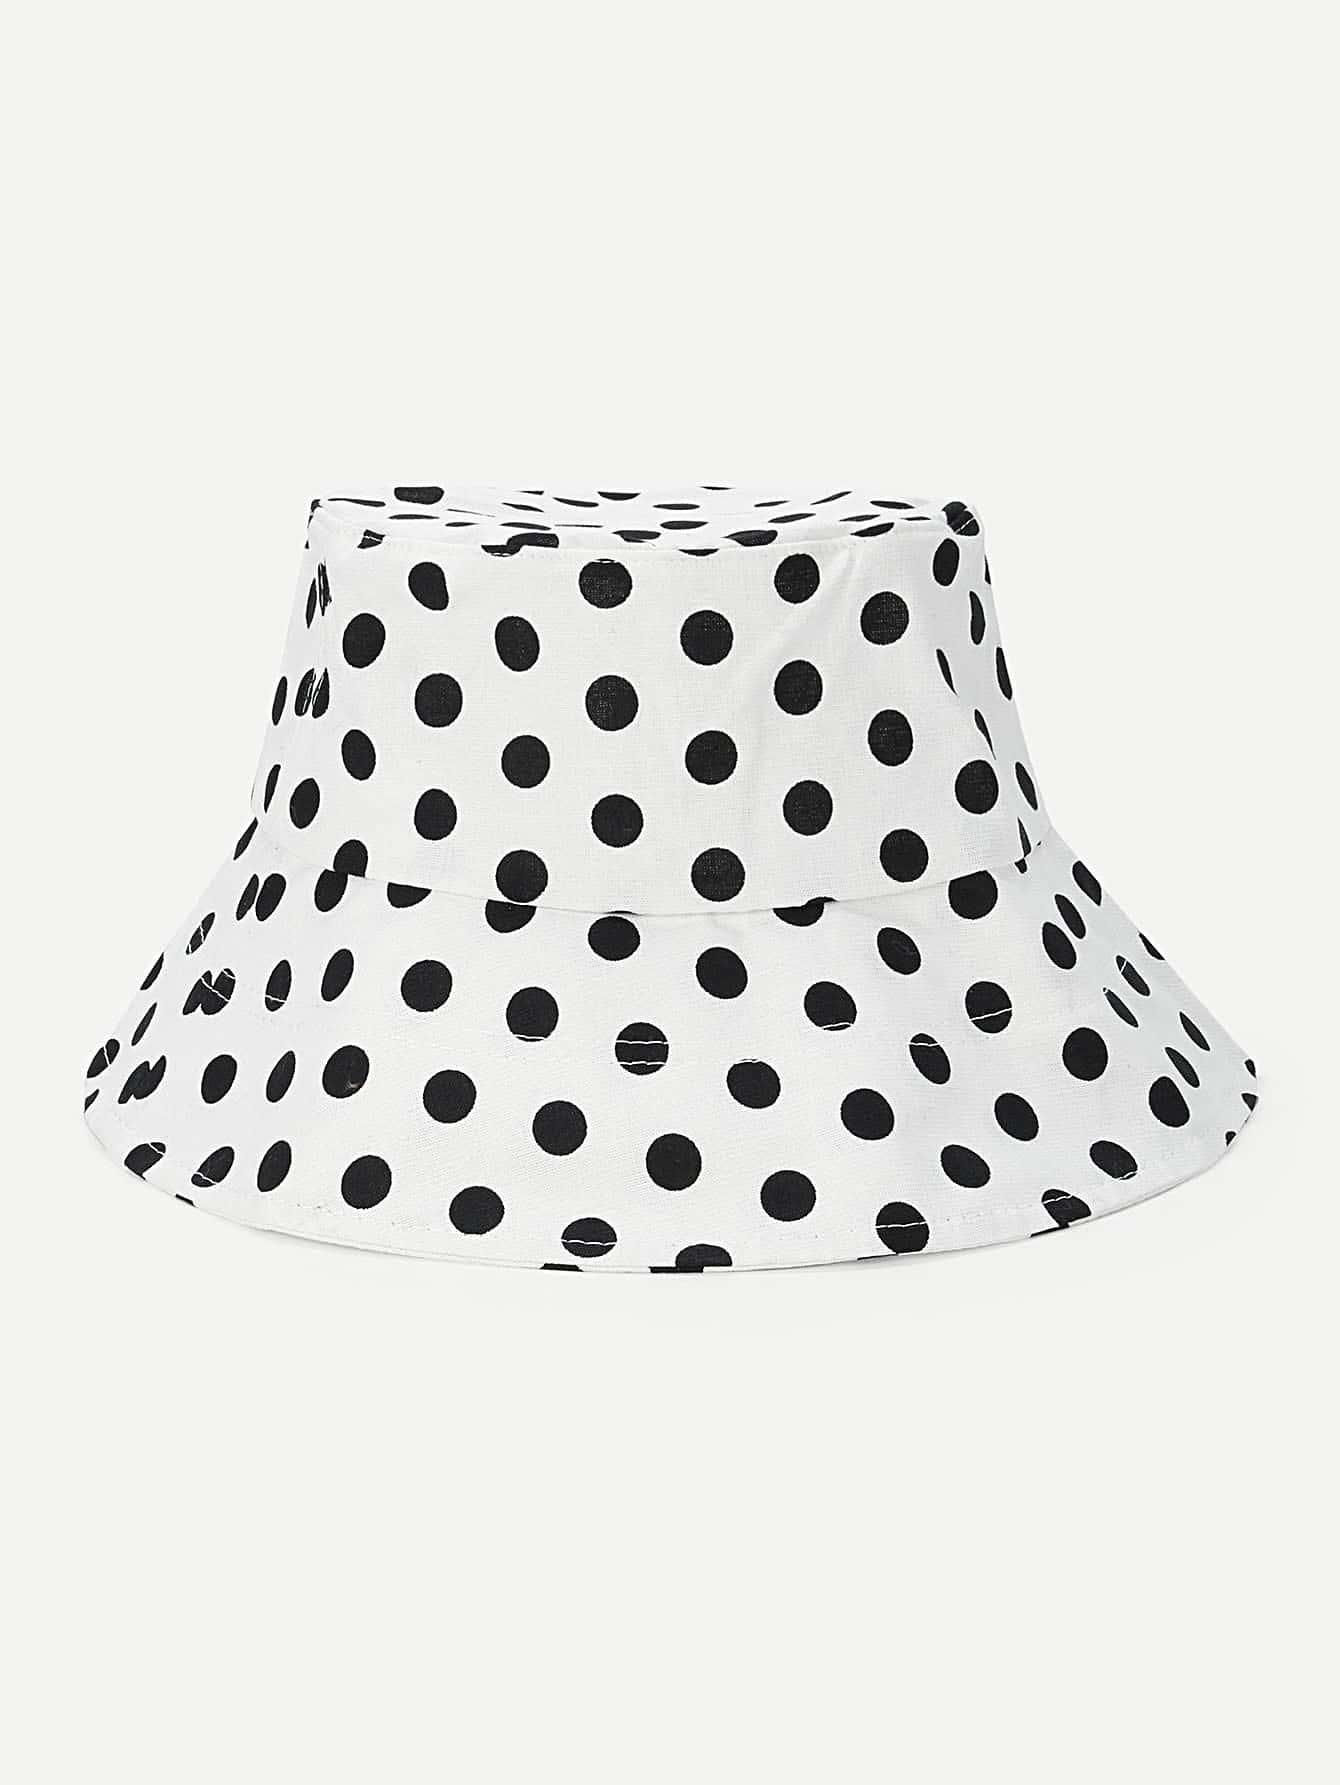 Купить Круглая шляпа с рисунками точки польки, null, SheIn